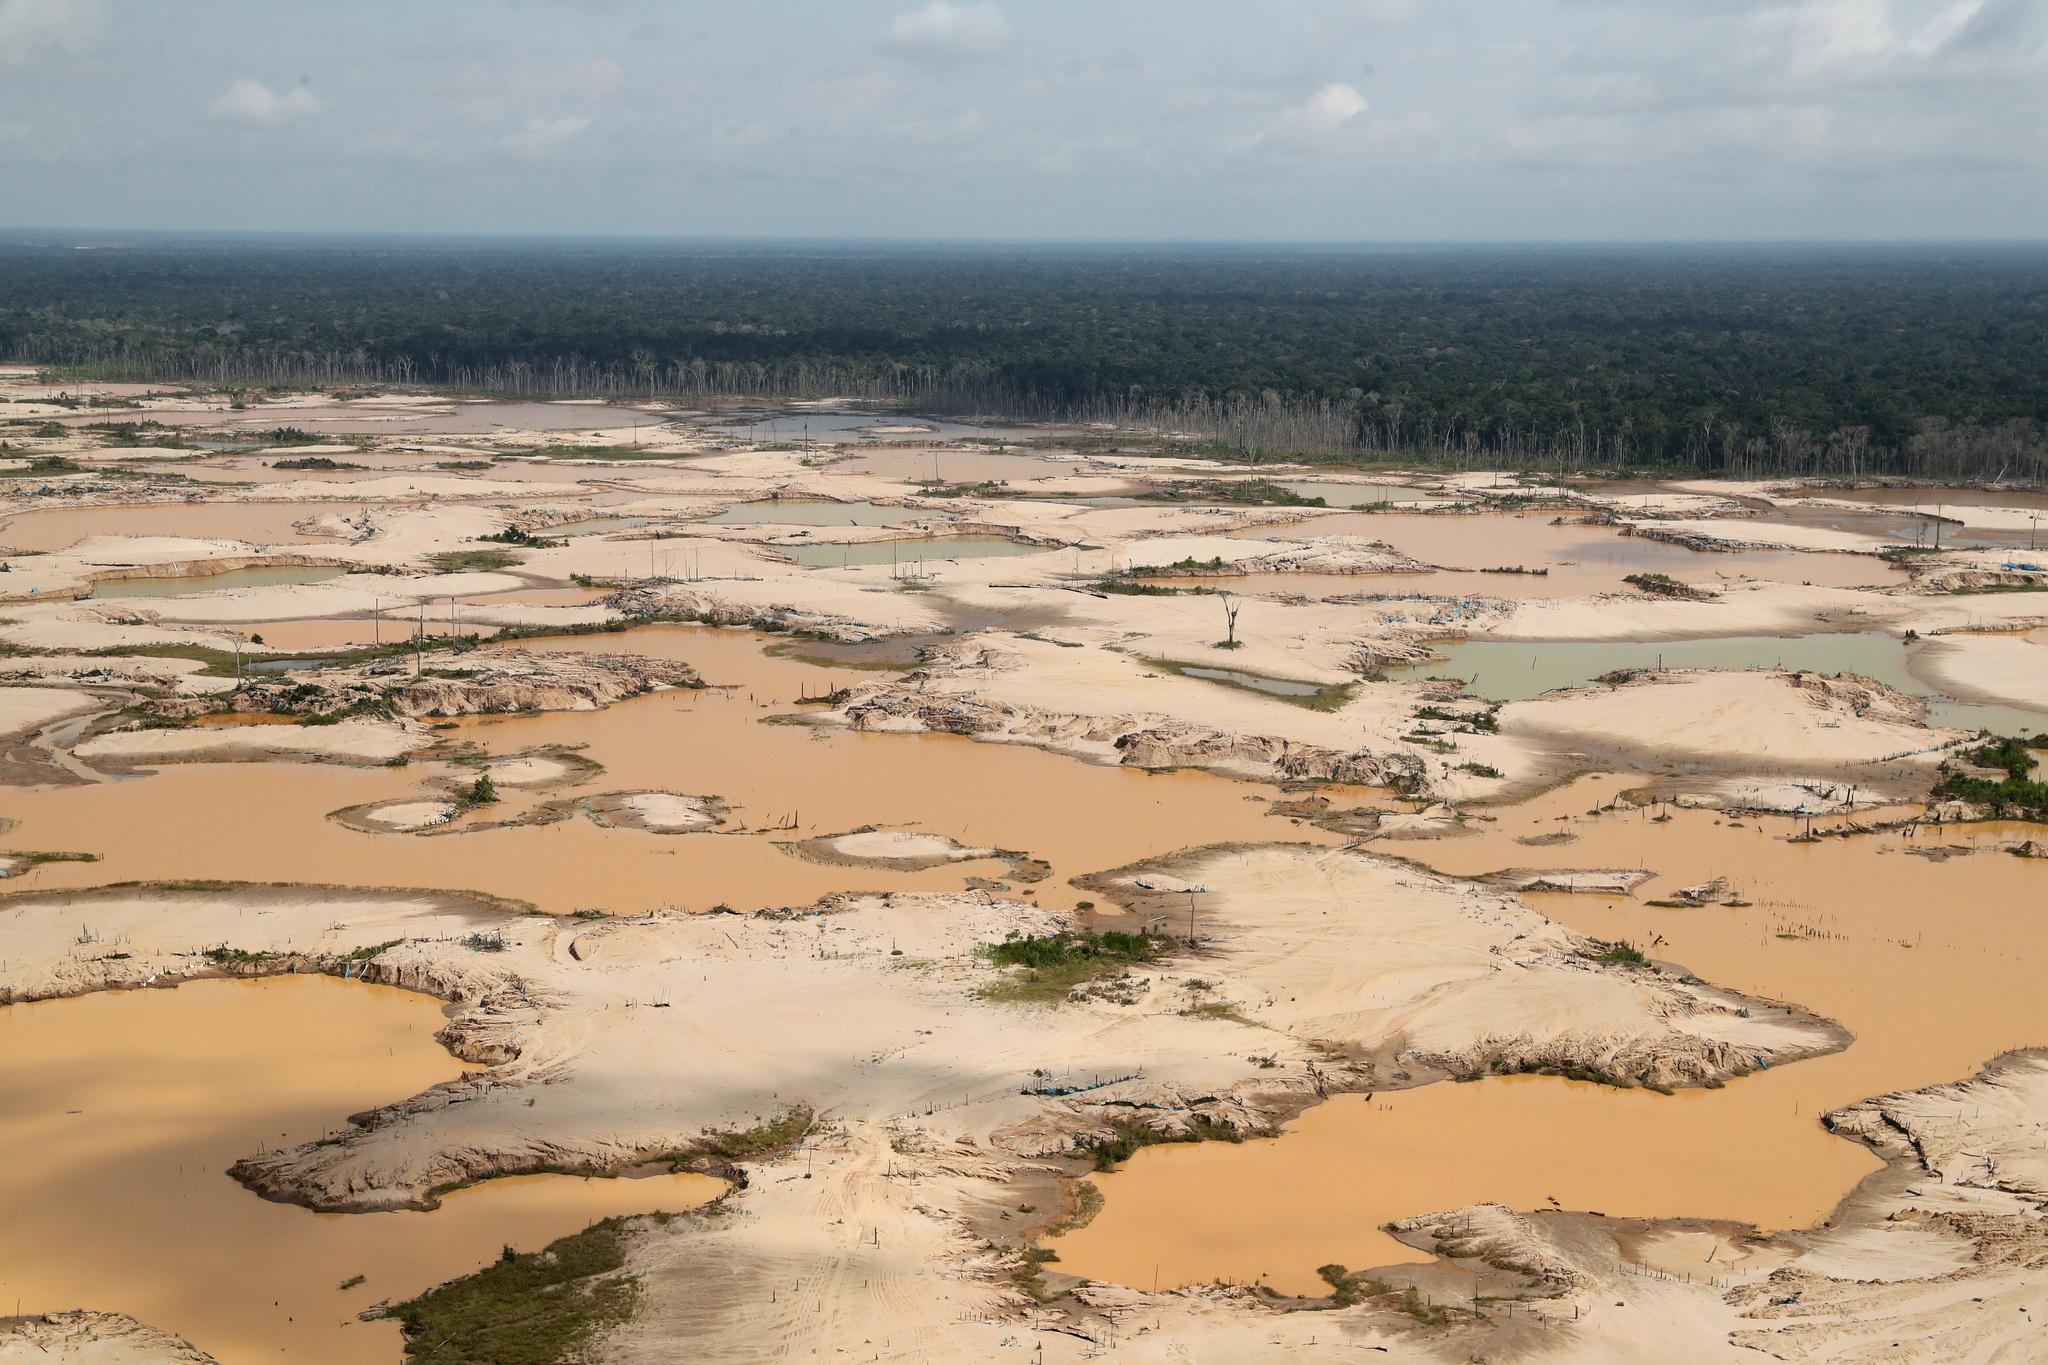 불법 광산 채굴로 인해 파괴된 남미 페루의 아마존 열대우림. {EPA=연합]